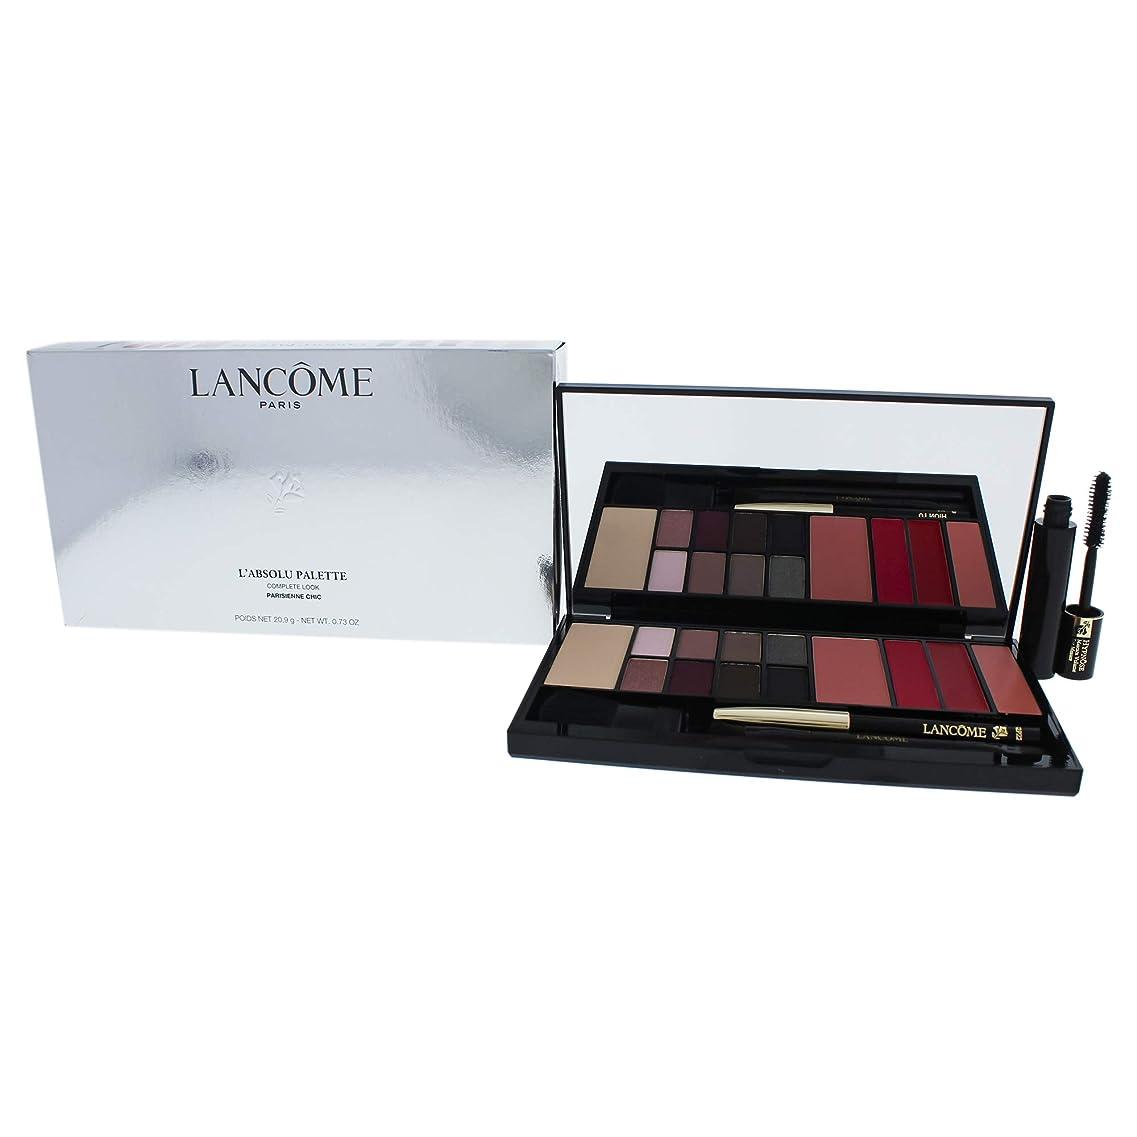 クローゼット女将繊毛ランコム L'absolu Palette Complete Look - # Parisienne Chic L745930 20.9g/0.73oz並行輸入品